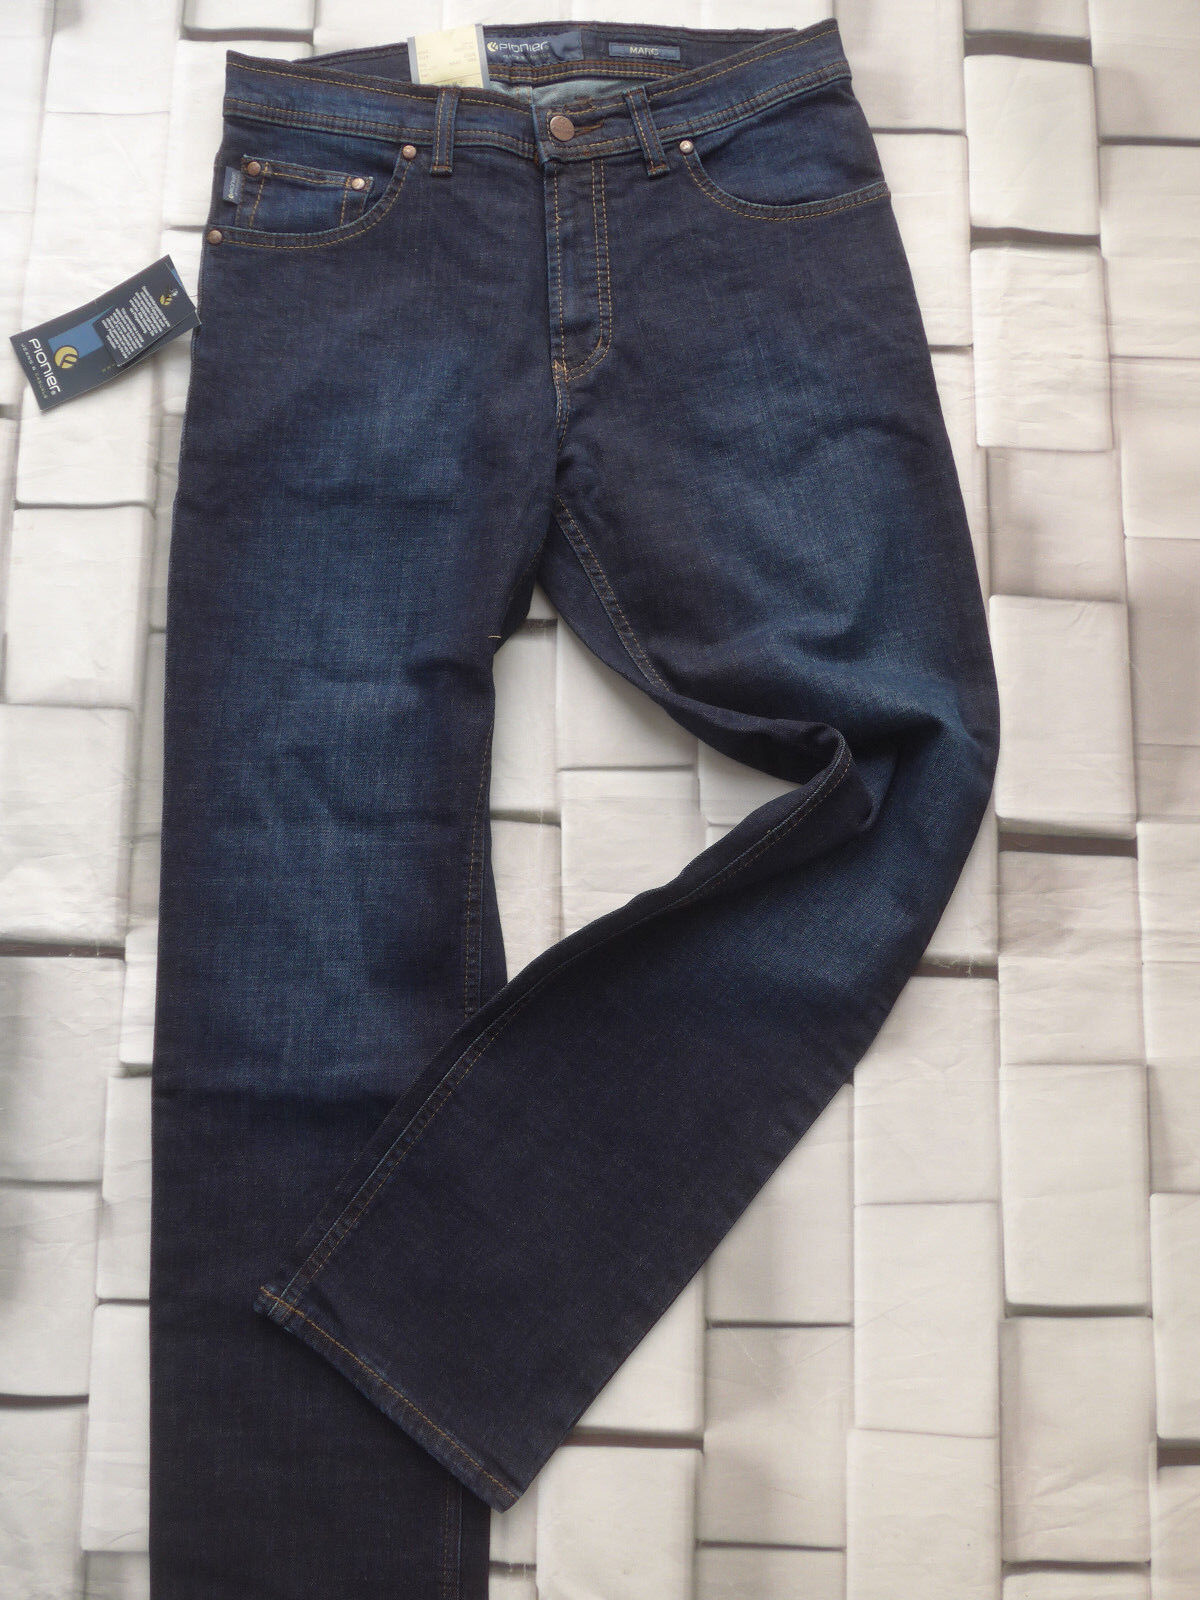 Pionier Women's Jeans Trousers Denim Model Marc Size W32 L30 Dark bluee (665)